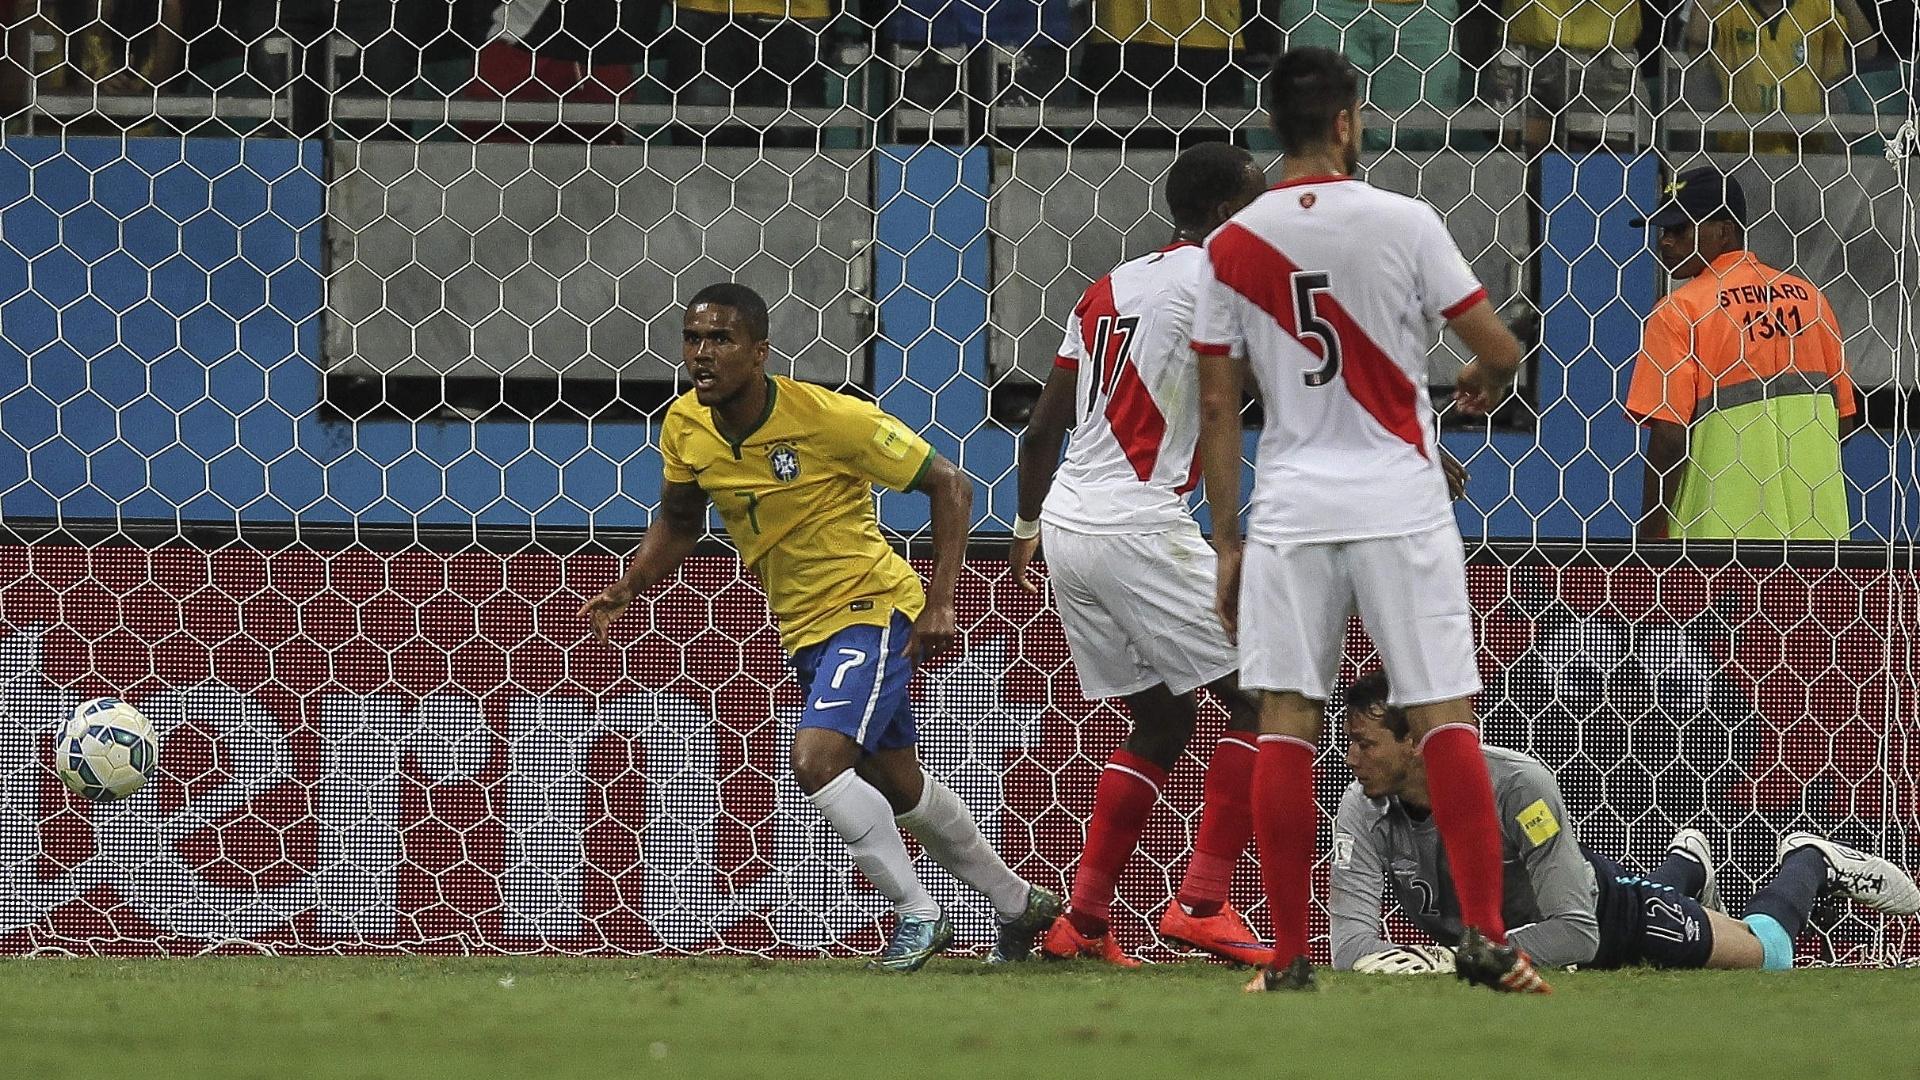 Douglas Costa comemora o seu gol contra o Peru, nas Eliminatórias